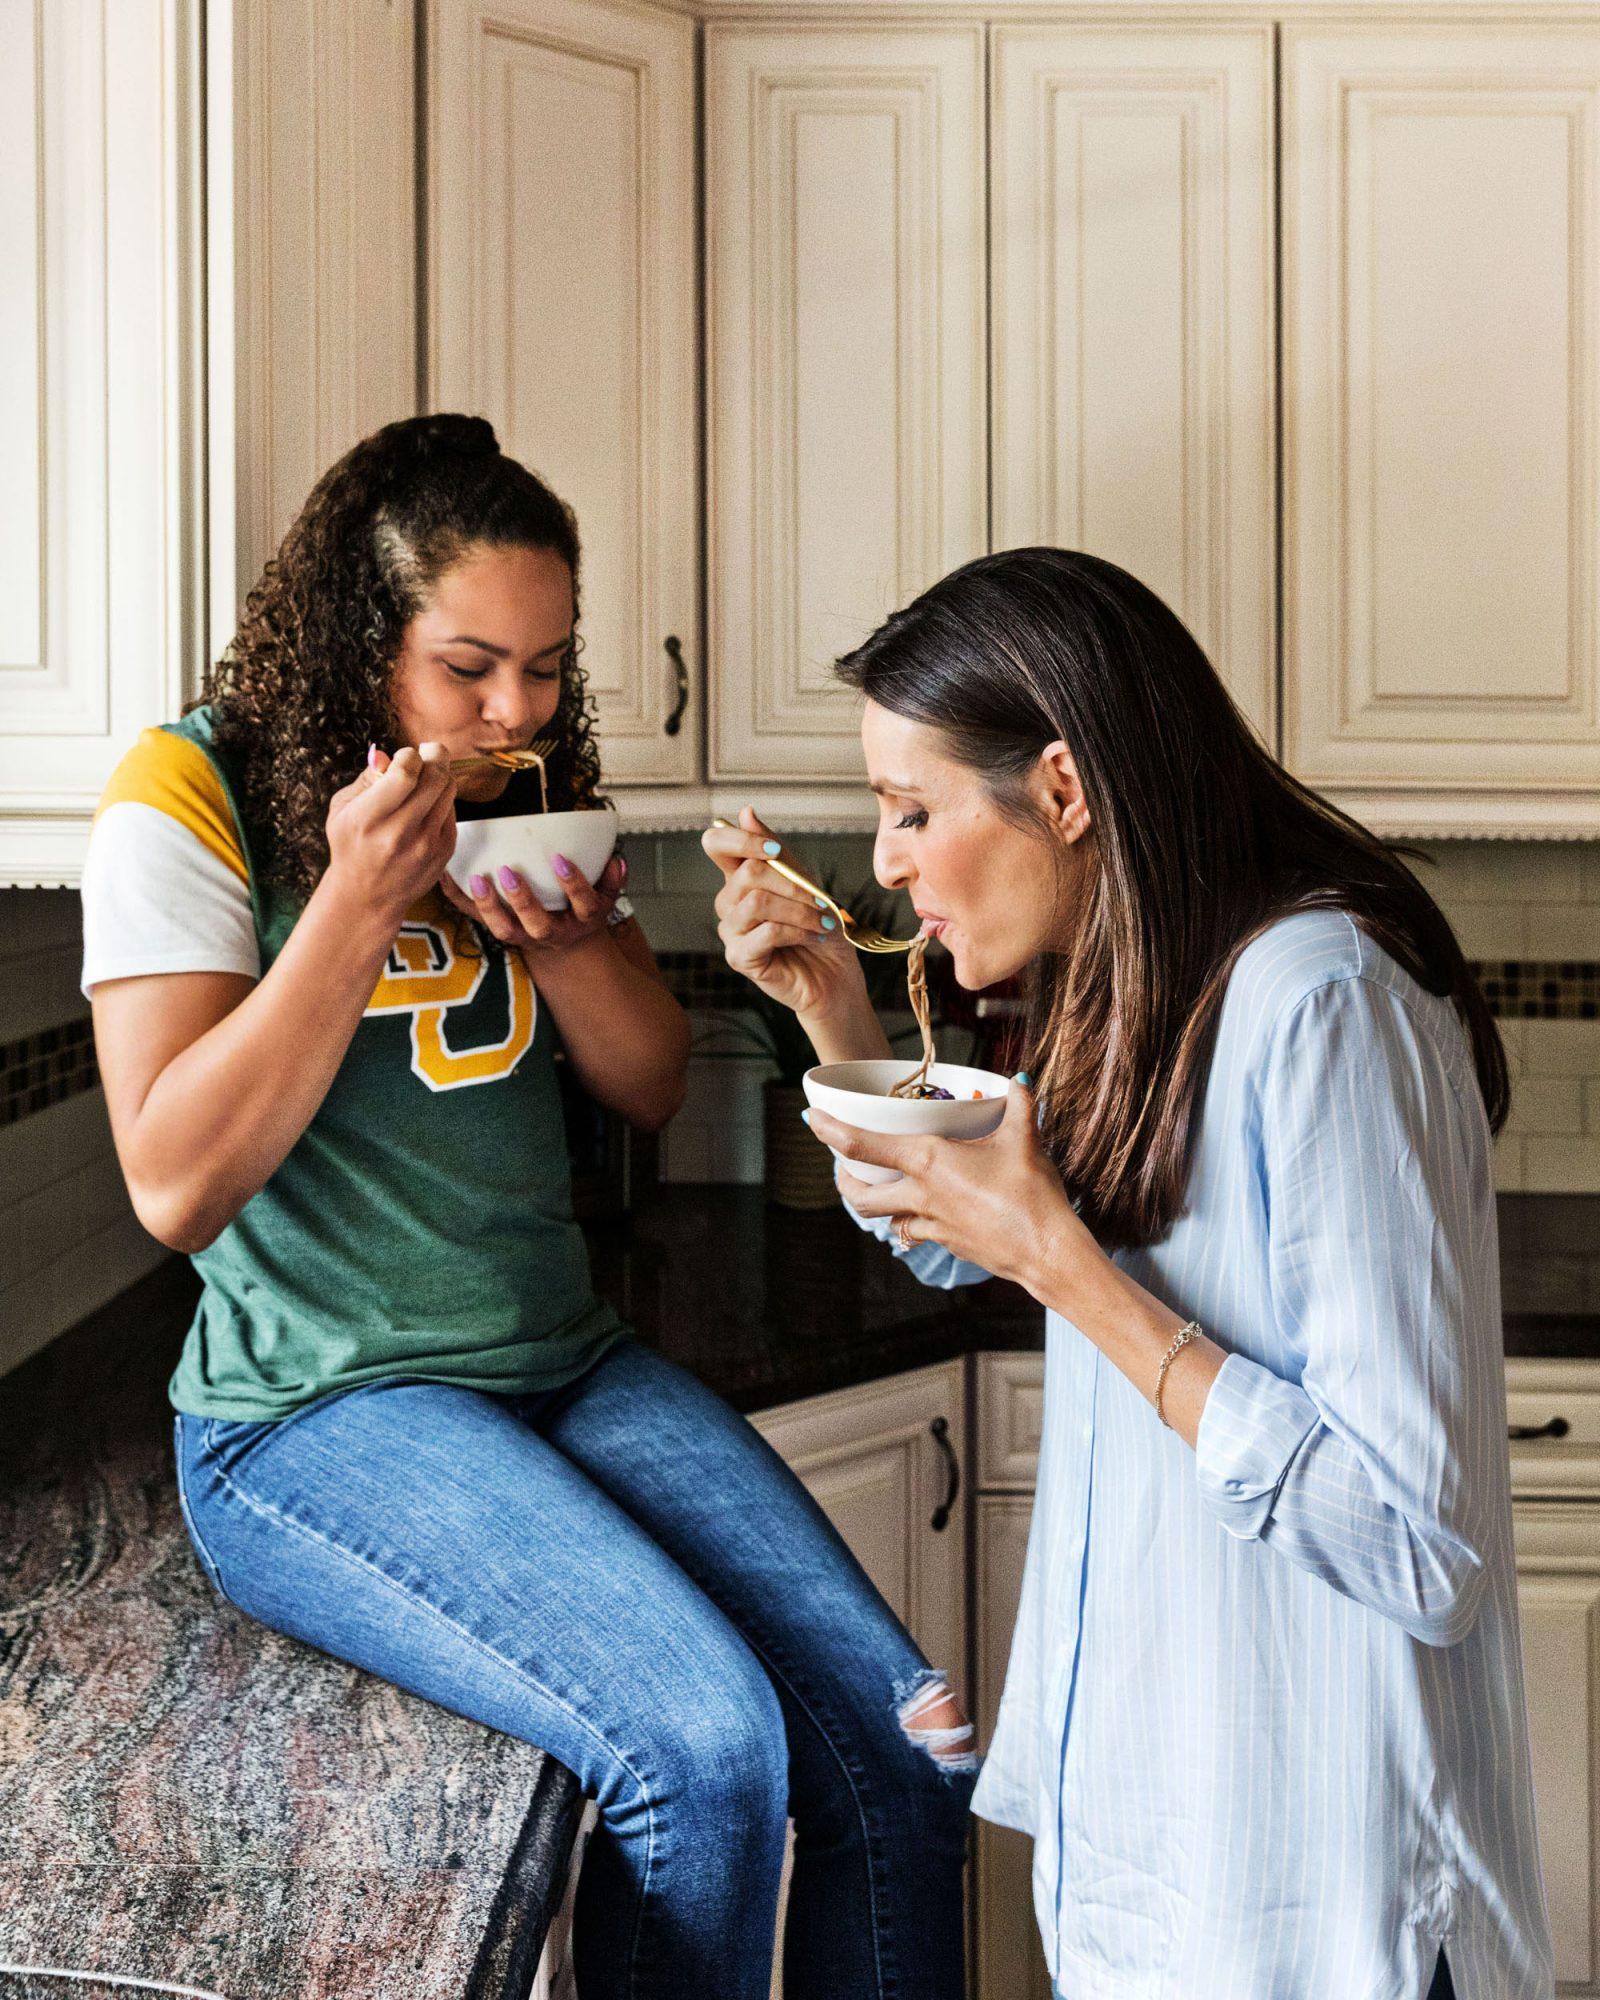 mother and daughter enjoy veggie noodle bowls